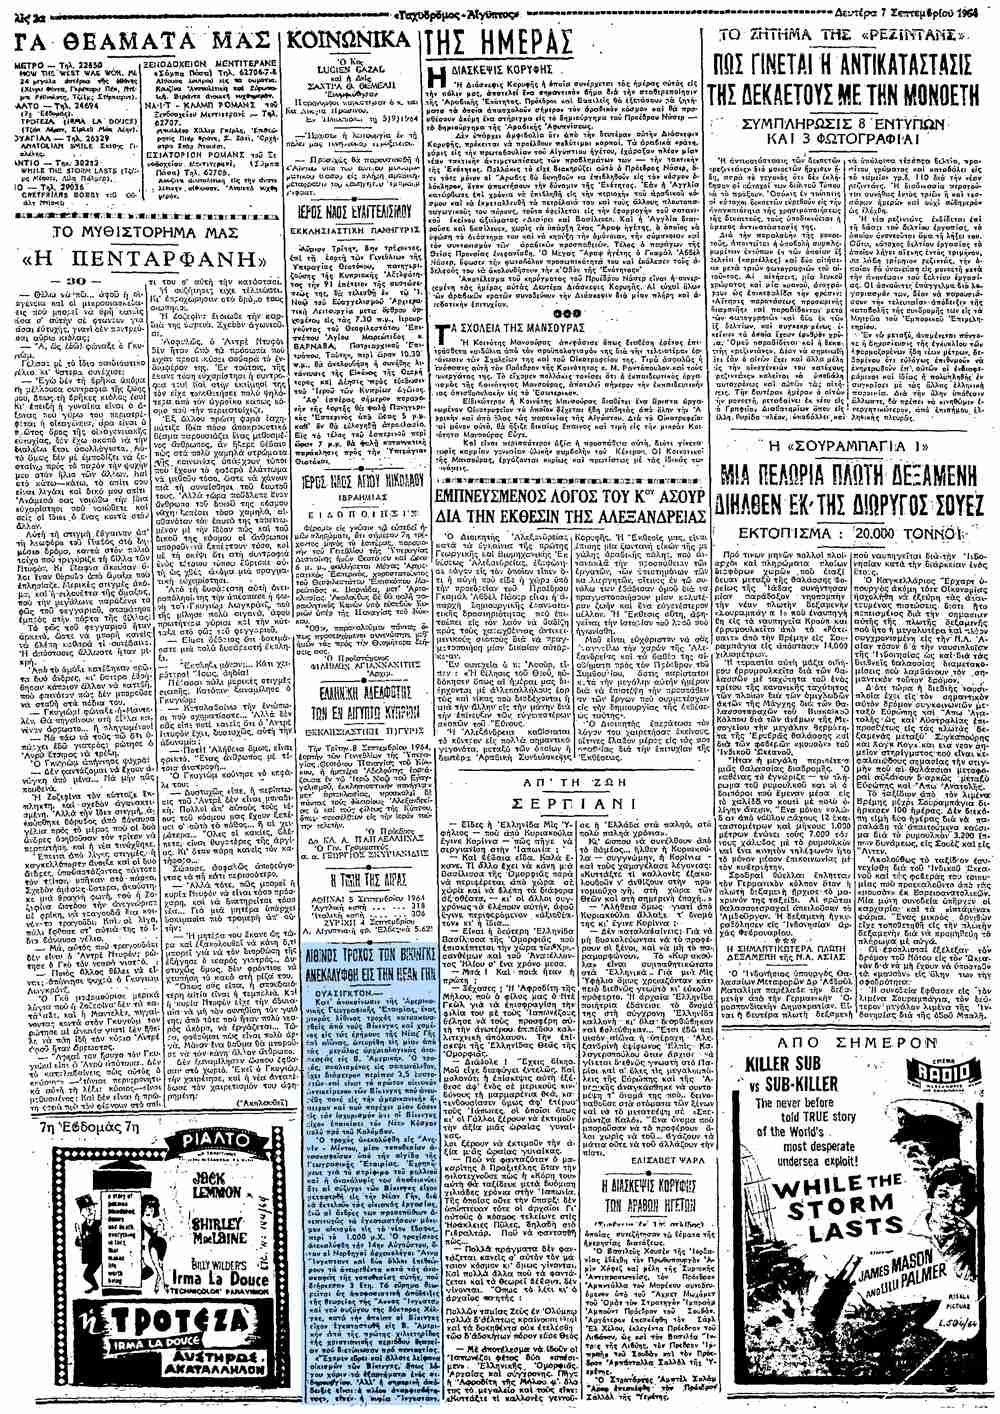 """Το άρθρο, όπως δημοσιεύθηκε στην εφημερίδα """"ΤΑΧΥΔΡΟΜΟΣ"""", στις 07/09/1964"""